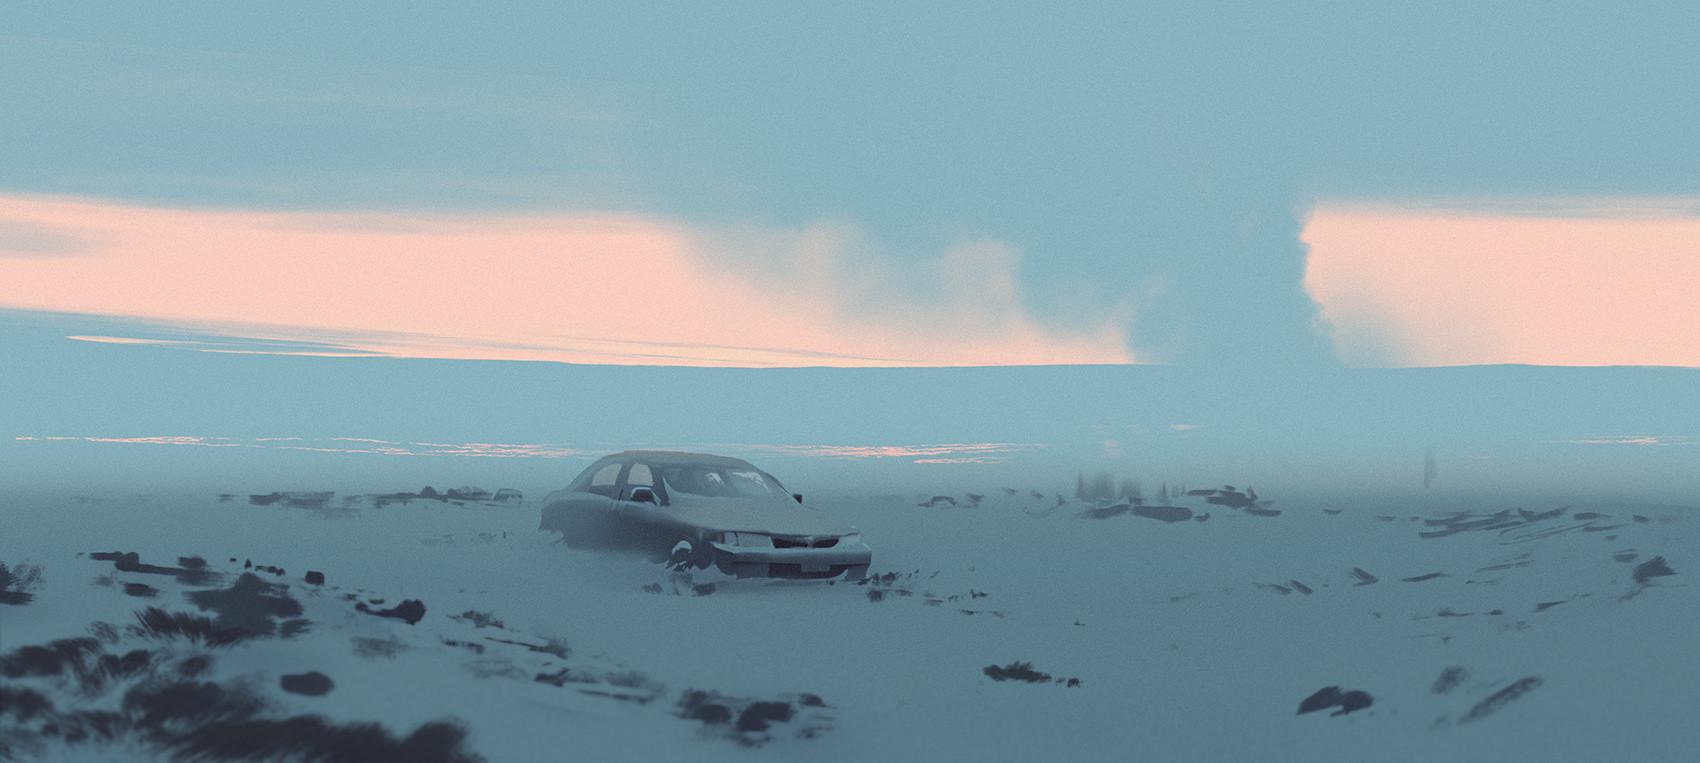 Nicodemus john mattisson abandonedcars